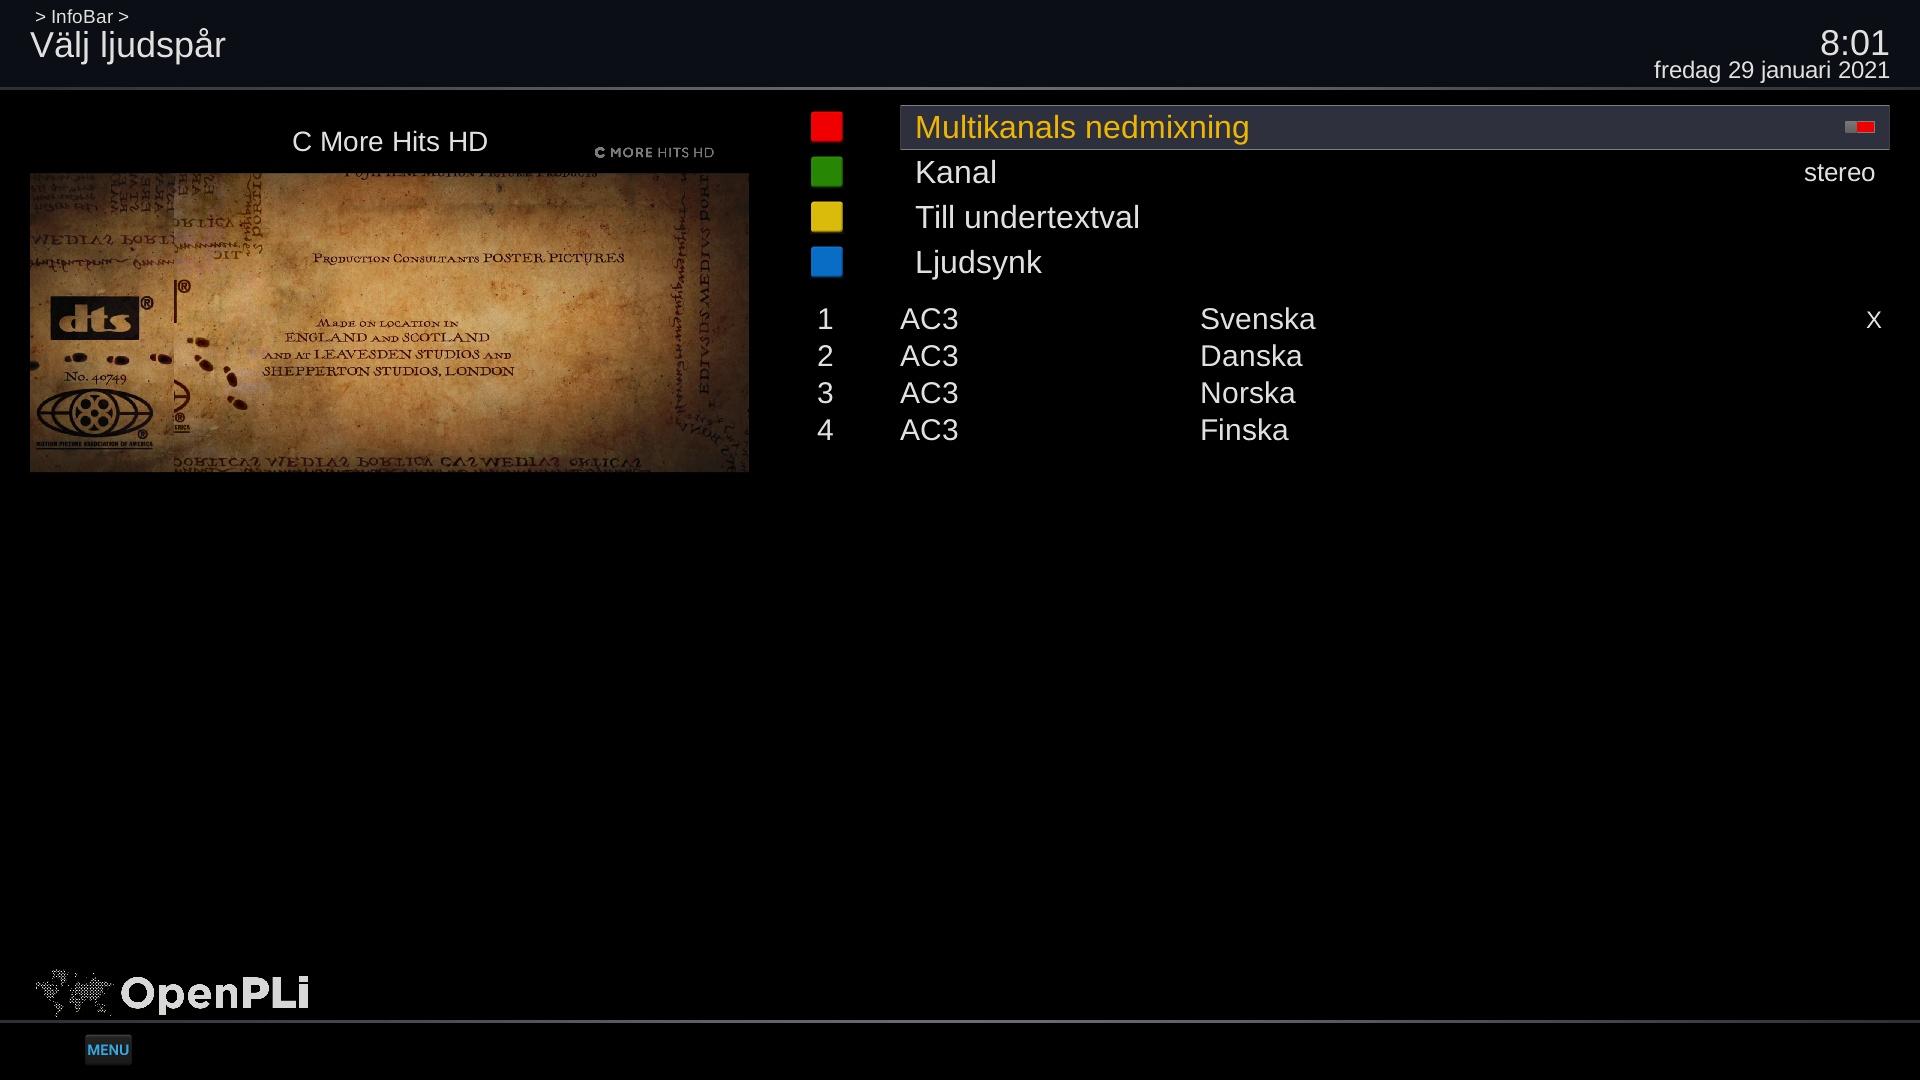 20210129-OK-Multikanals-nedmixning-off.jpg